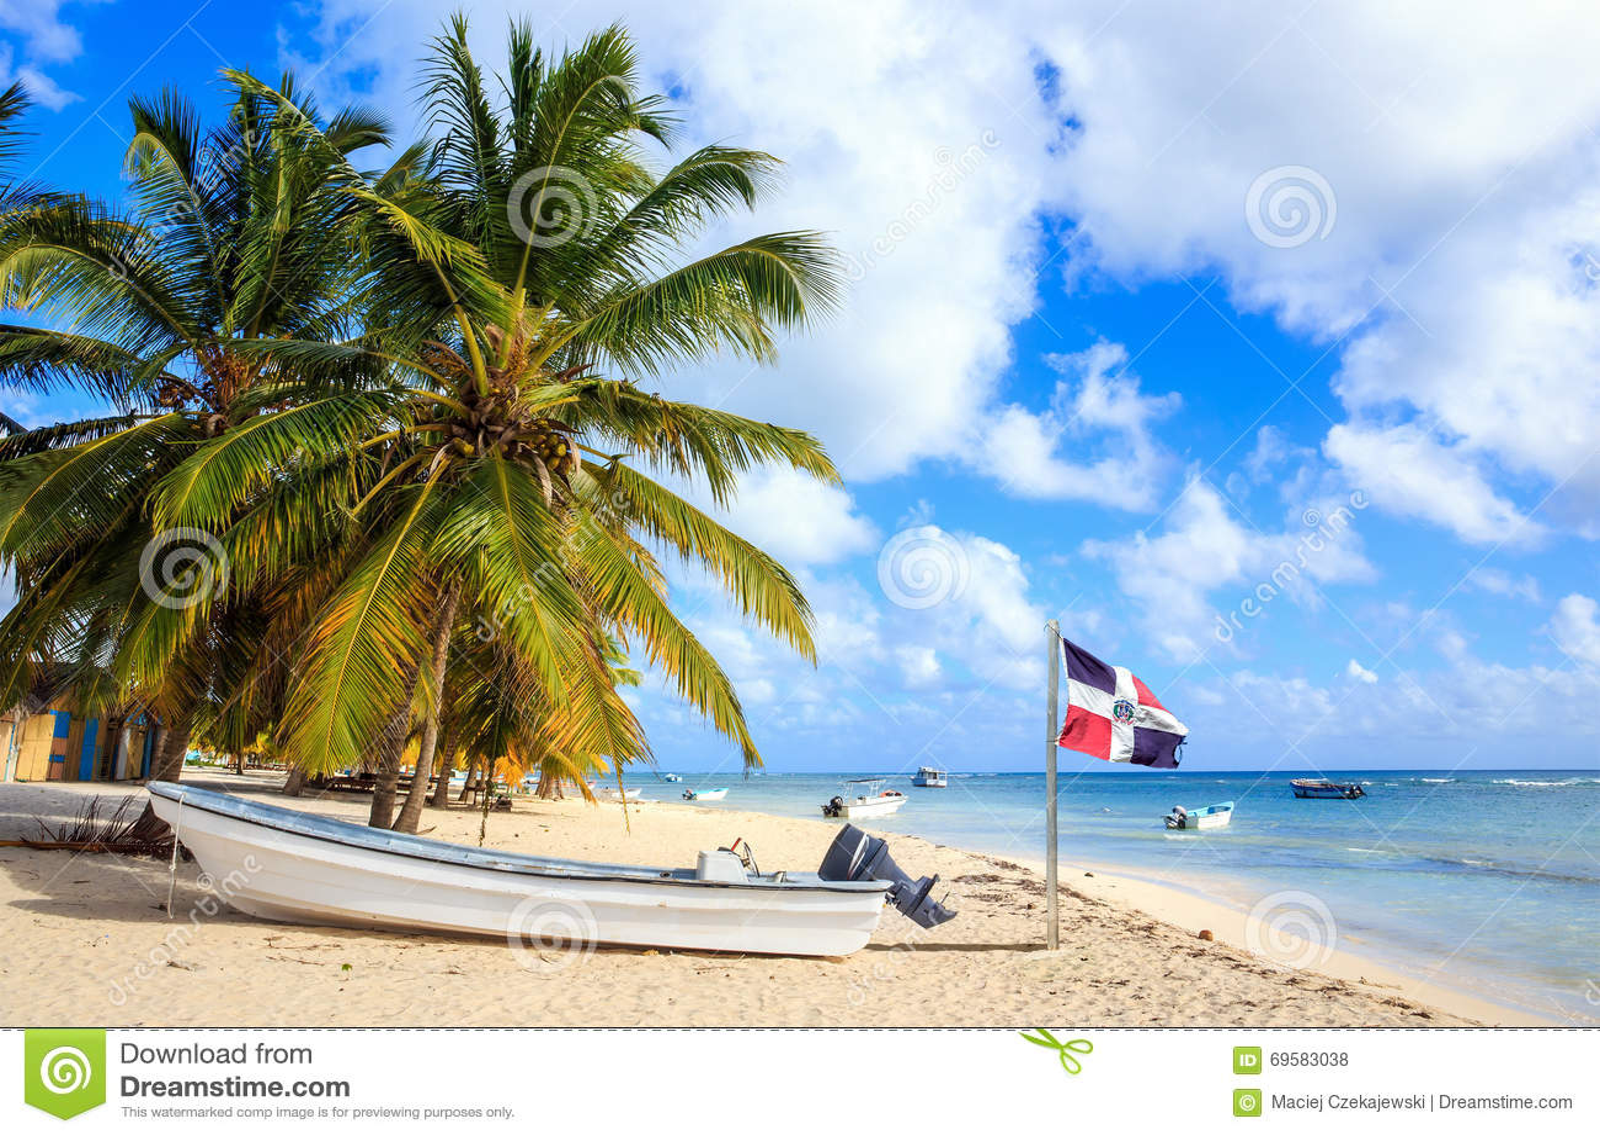 Spiaggia caraibica nella Repubblica dominicana